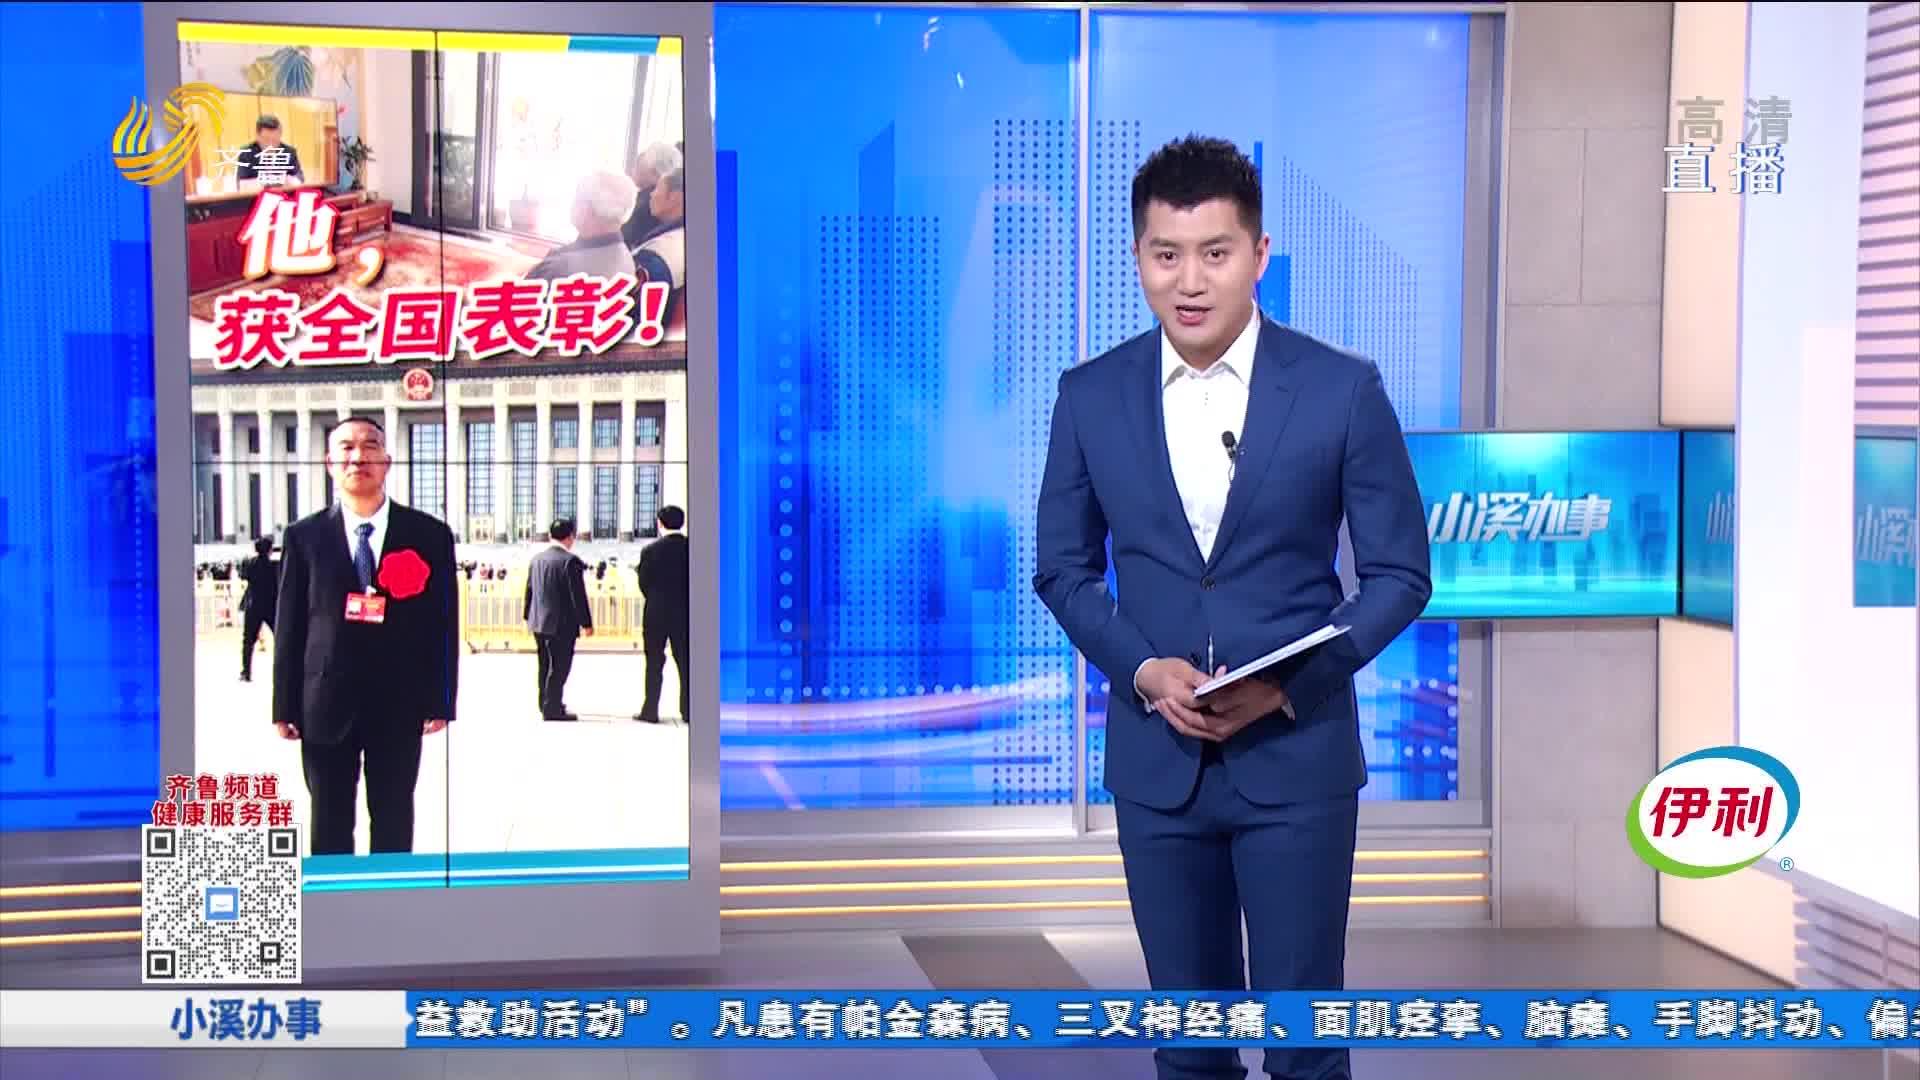 第一书记李洪文接受表彰